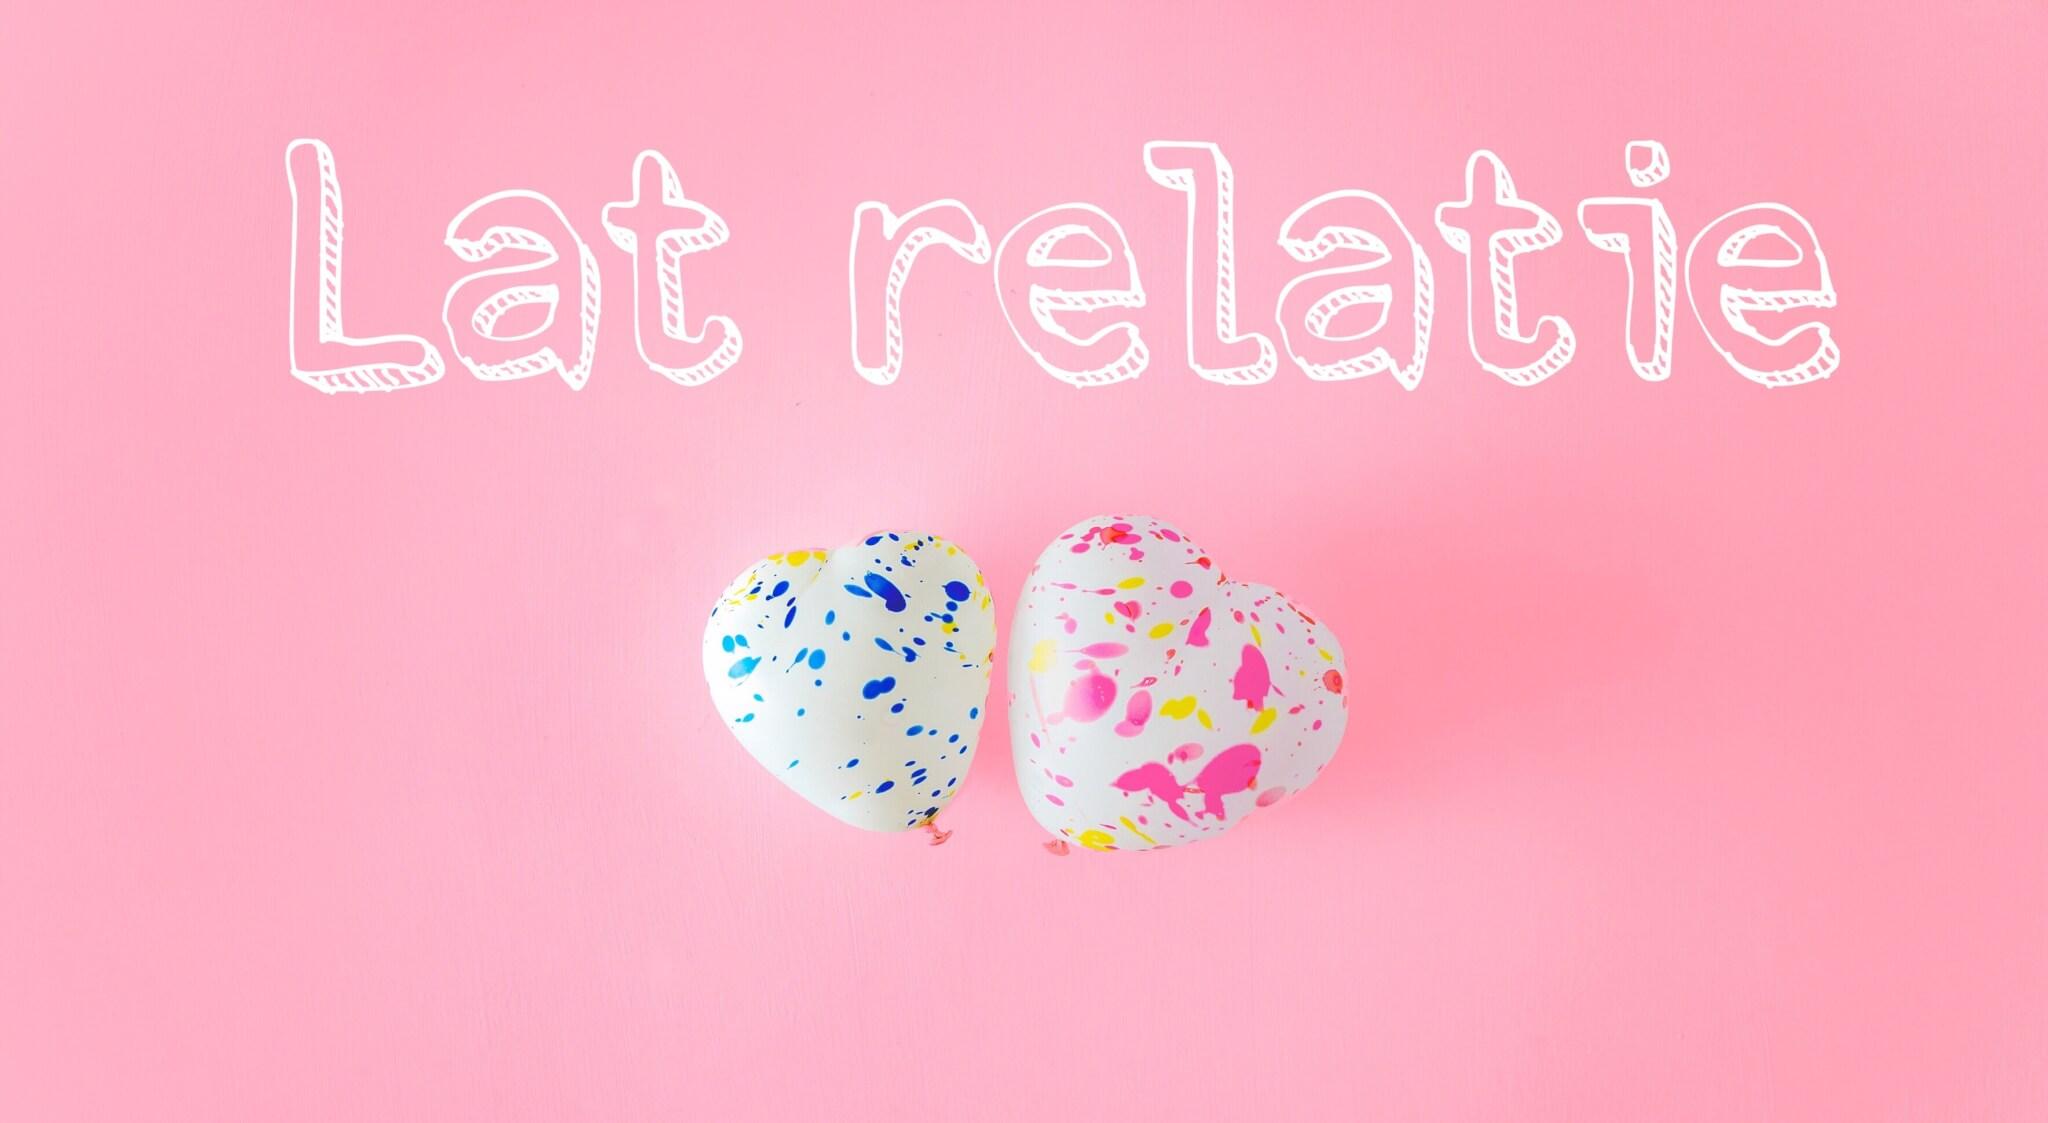 lat relatie